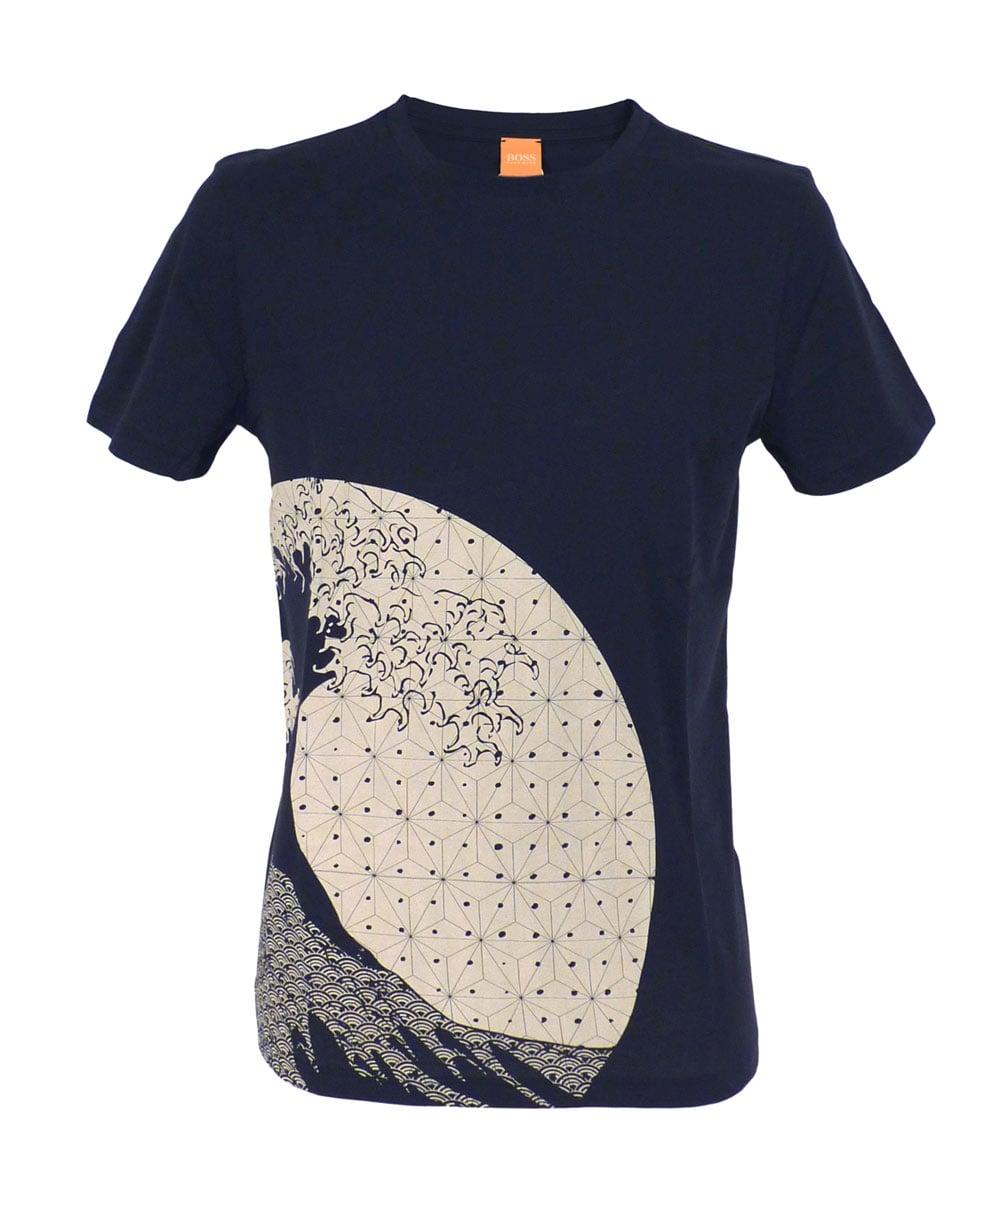 Hugo boss navy sons of japan design 39 tomsin 5 39 t shirt for Hugo boss navy shirt